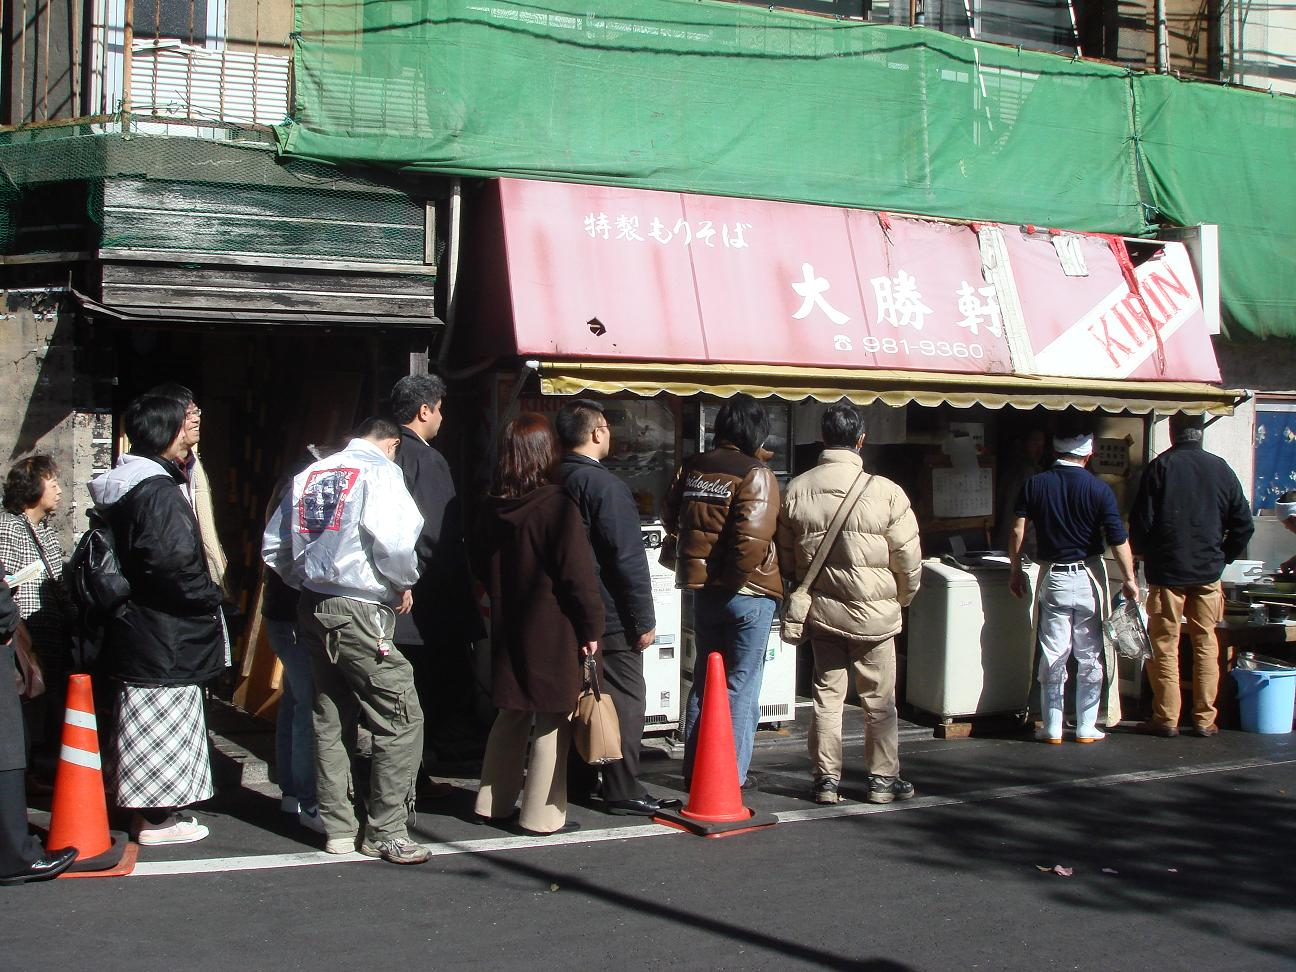 Taishouken やっぱり、そうなんですね…開店直後なのに大行列。もともとの常連さんとぼ..